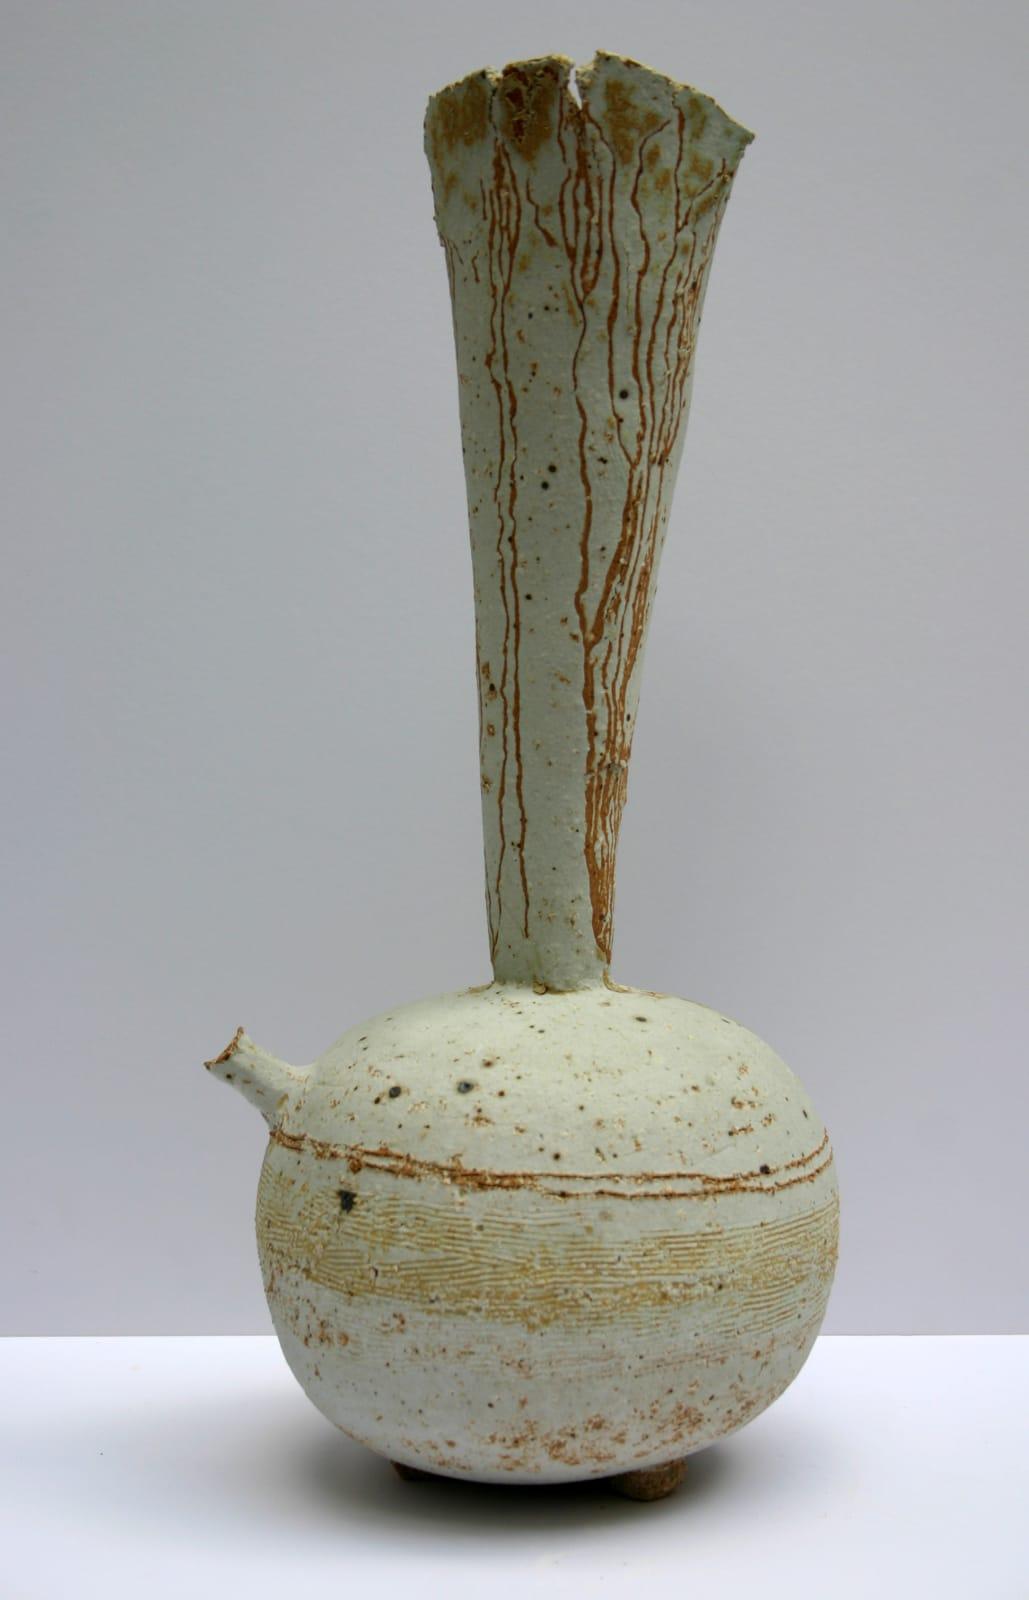 Jane Wheeler, Spouted Tripod Vessel, 2009